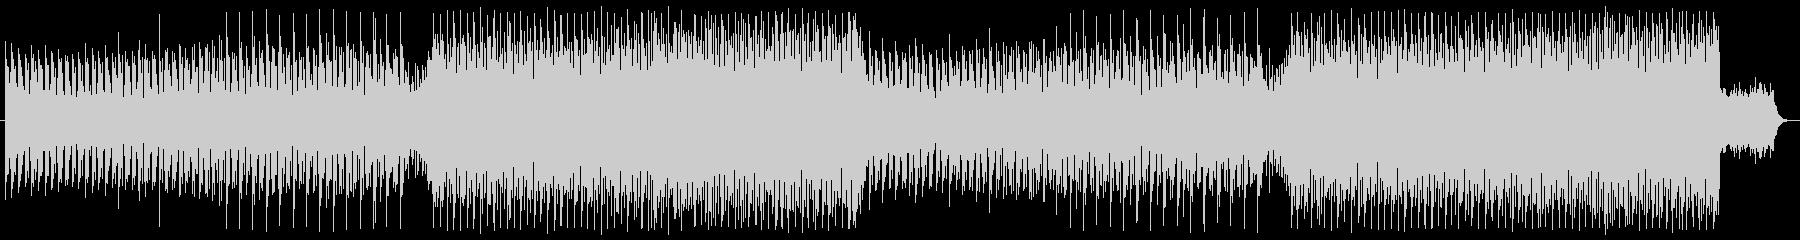 サイエンス系CMや映像に エレクトロの未再生の波形